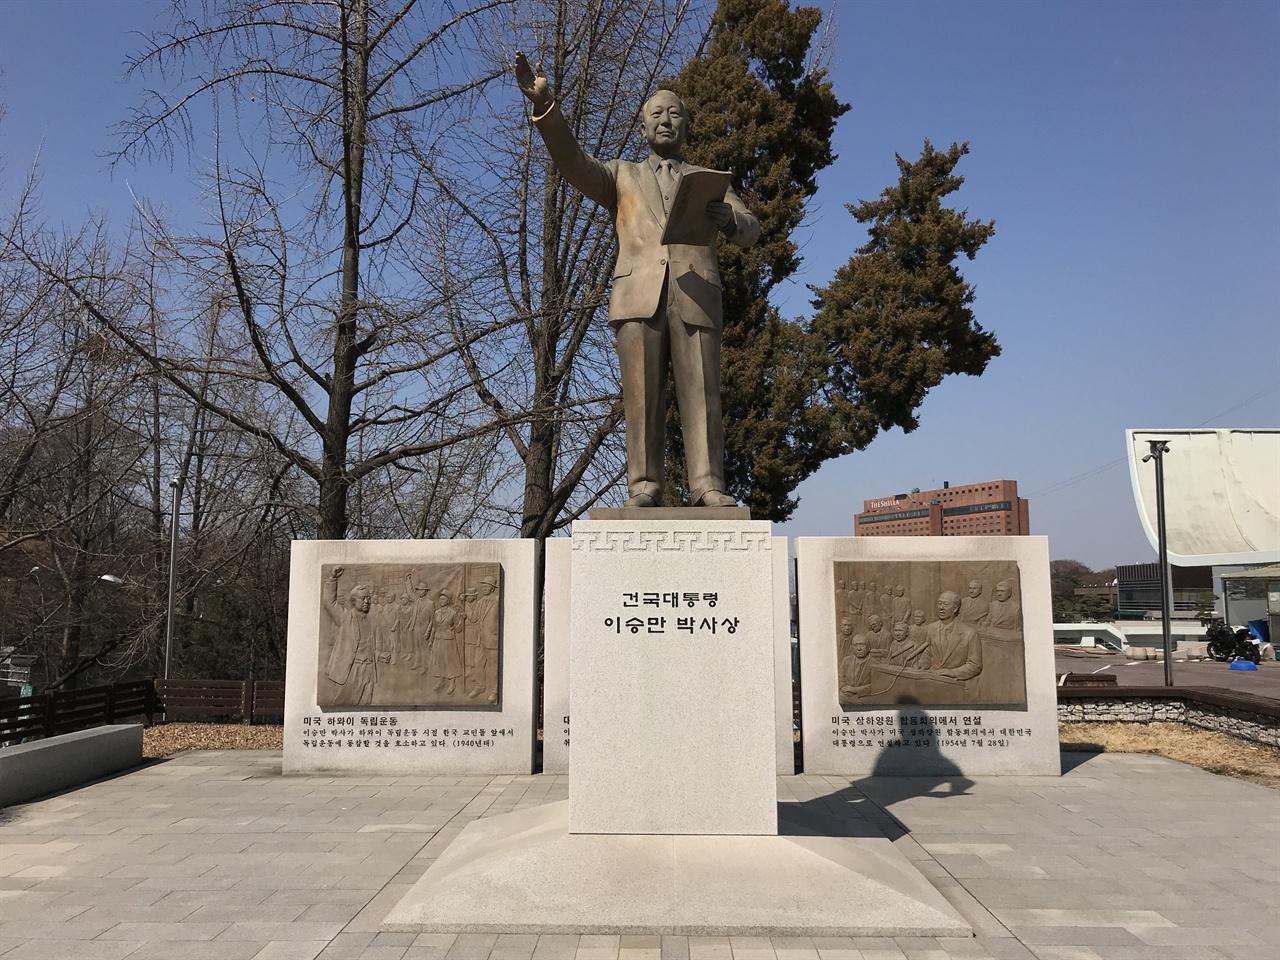 남산 한국자유총연맹 광장에 있는 이승만 동상 4.19 혁명 과정에서 탑골공원과 남산에 있던 이승만 동상은 모두 철거됐다. 2011년 8월 25일 한국자유총연맹은 4.19 혁명 유족과 시민단체의 반대에도 불구하고 이승만 동상을 다시 세웠다.